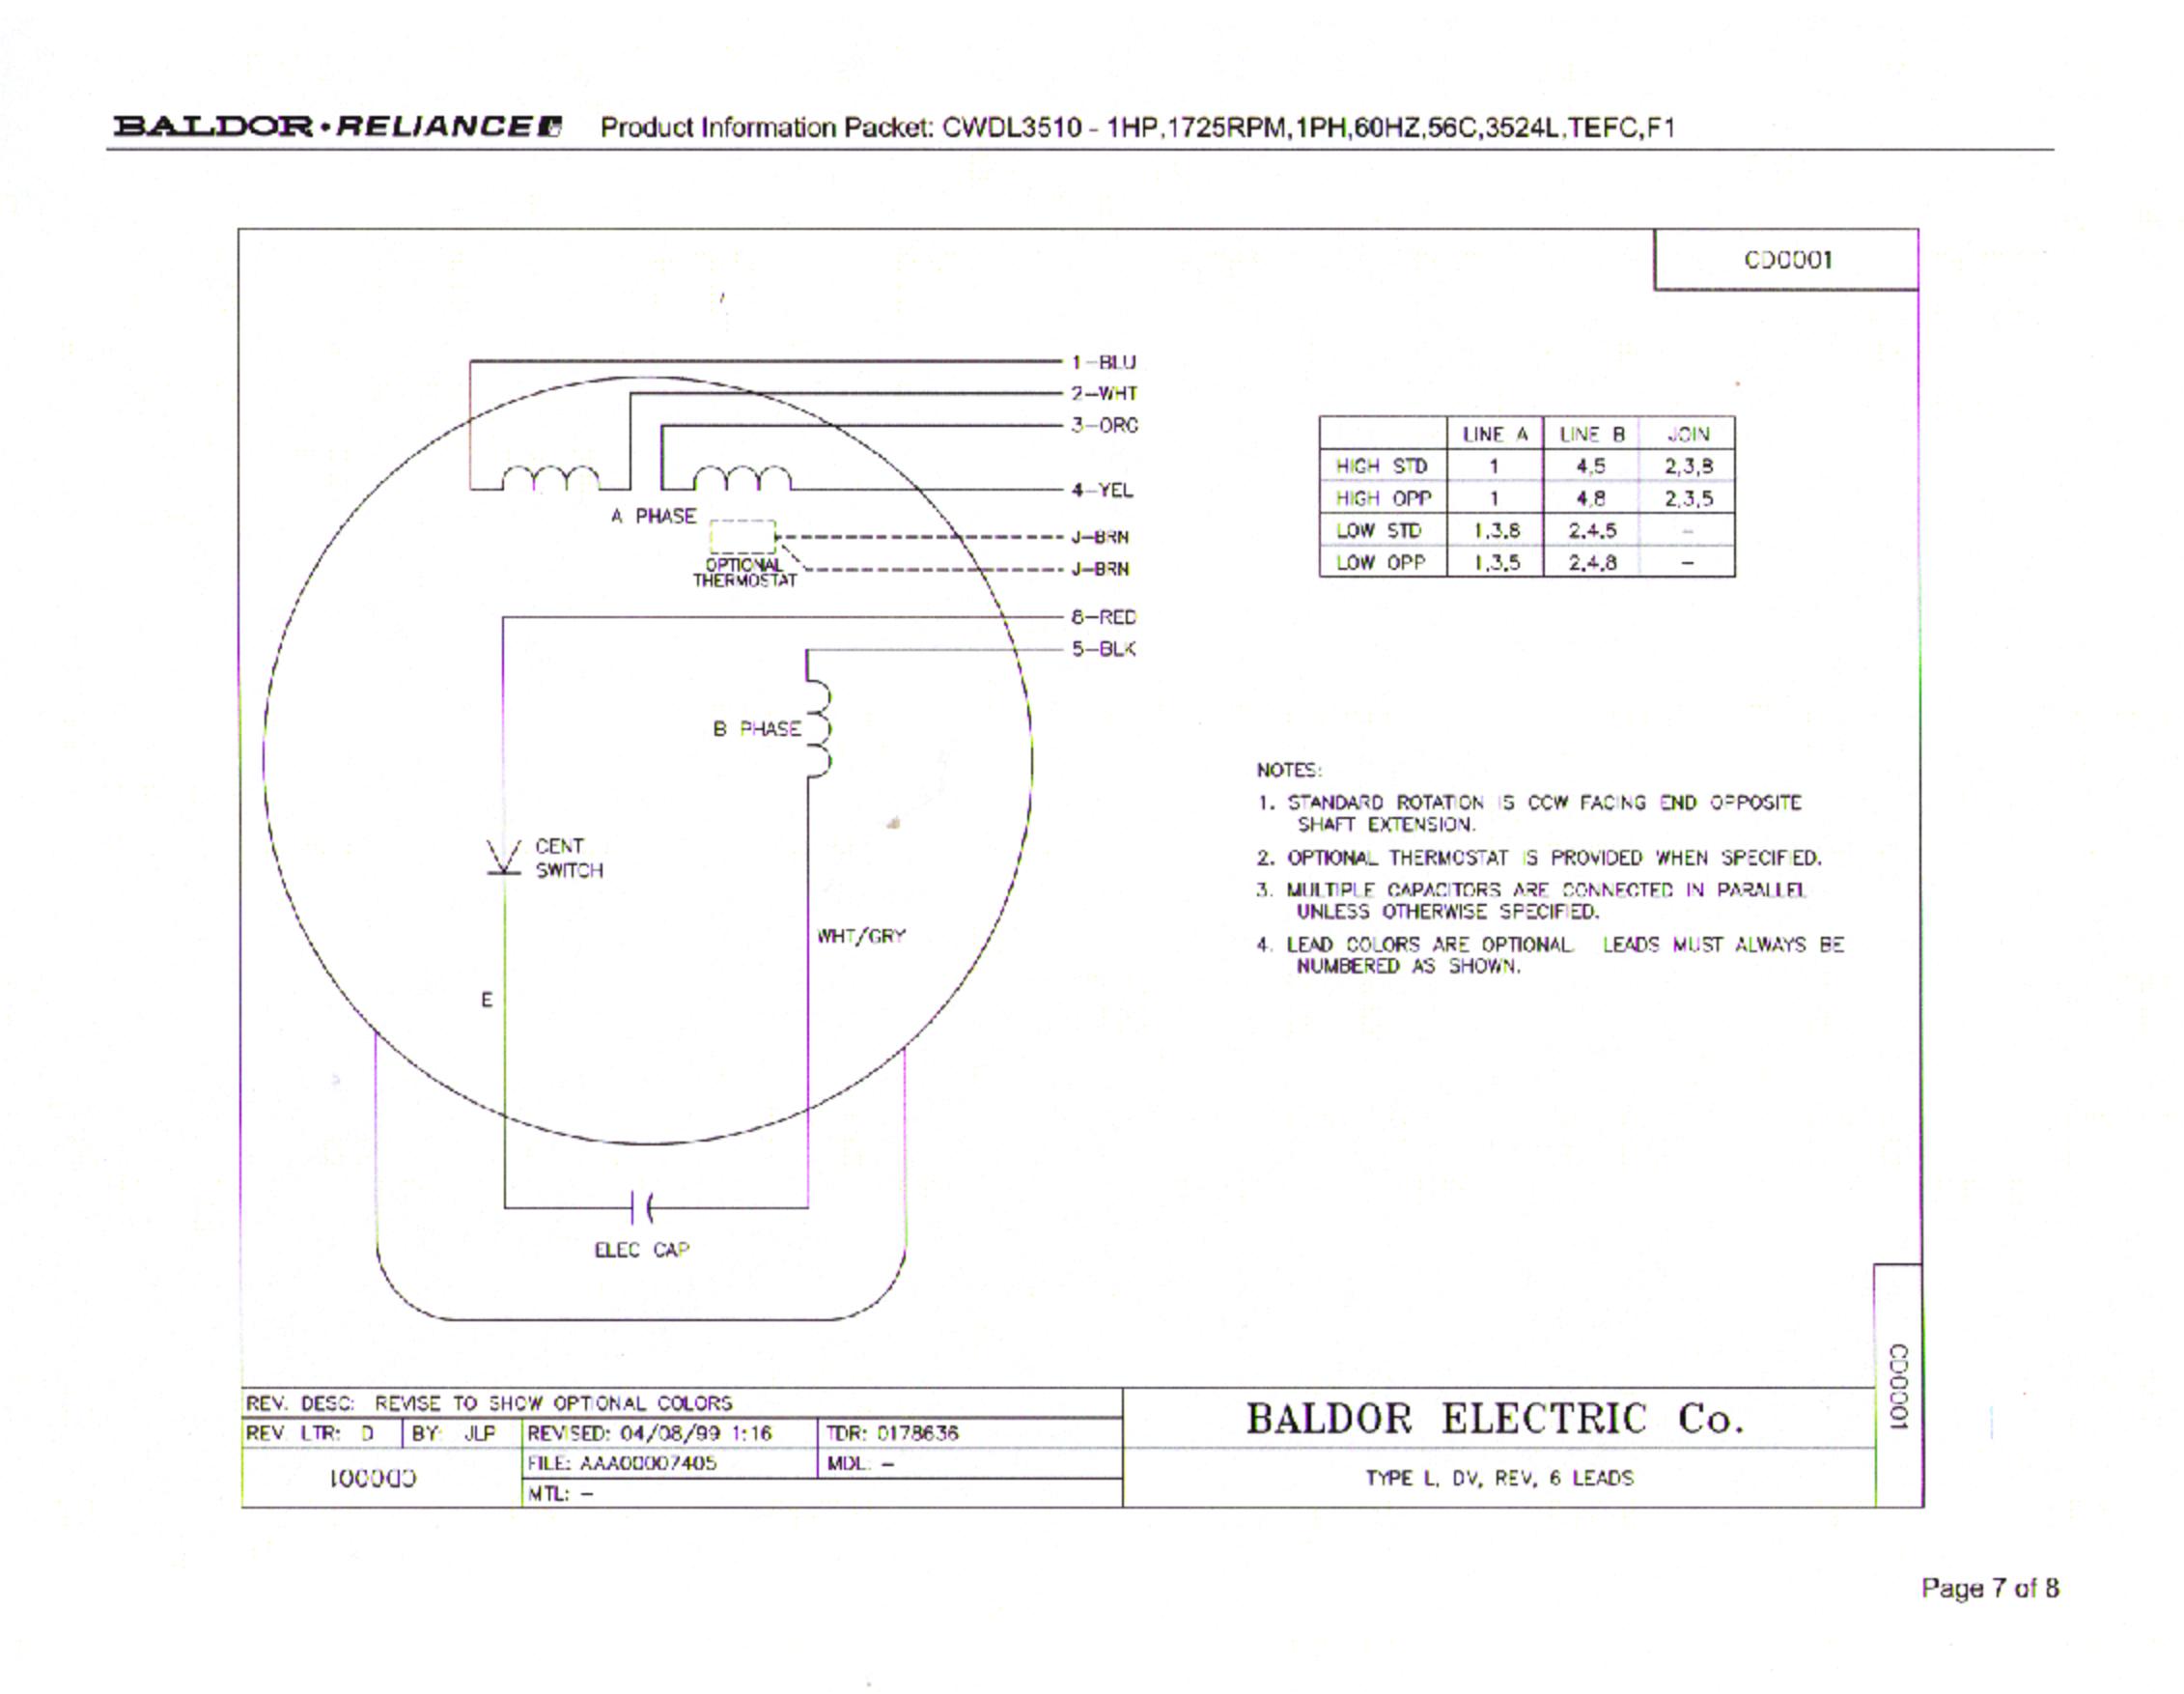 motor wiring dayton electric motor 1 3 hp baldor 3 phase motor dayton electric motor connections dayton electric motor diagram